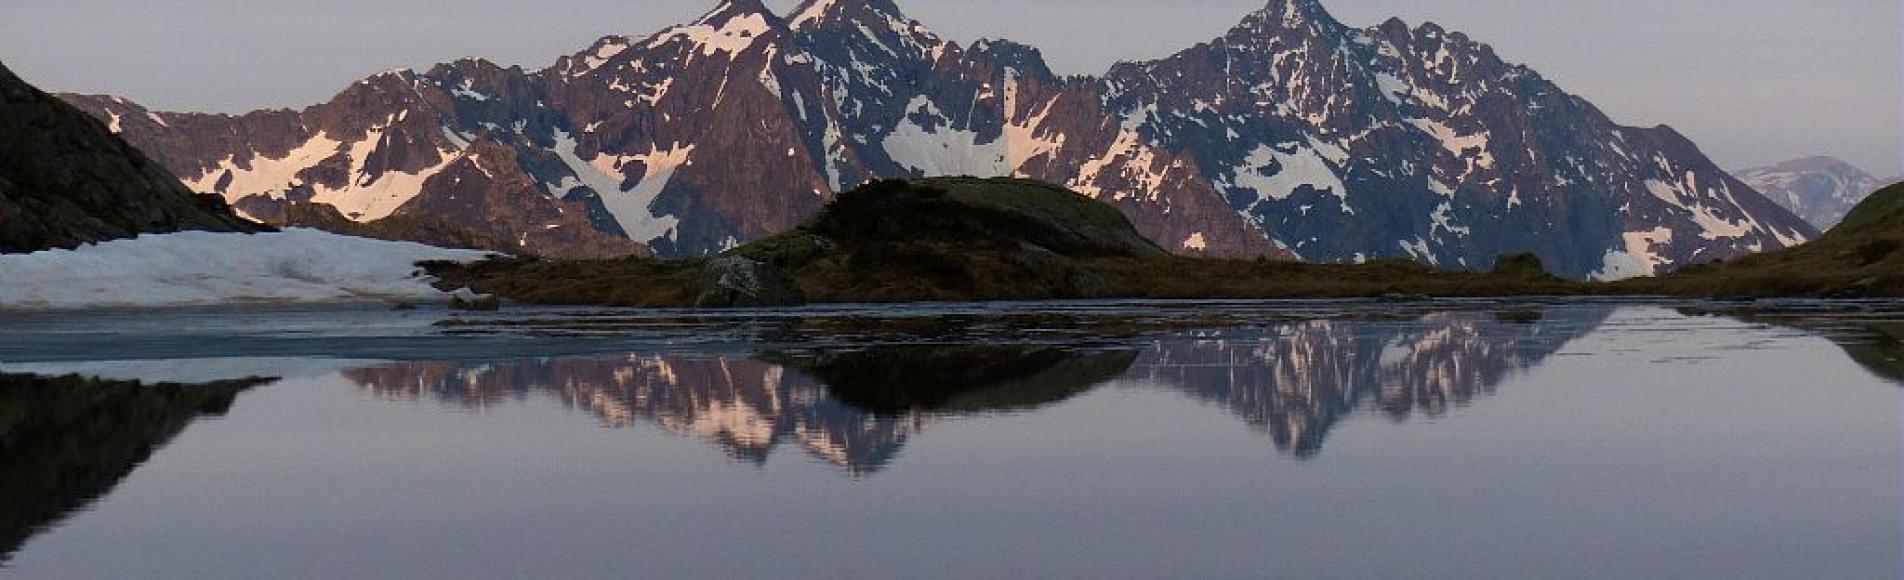 Petit Lac sous le Lac Lautier  ©Lucovic Imberdis - Parc national des Ecrins